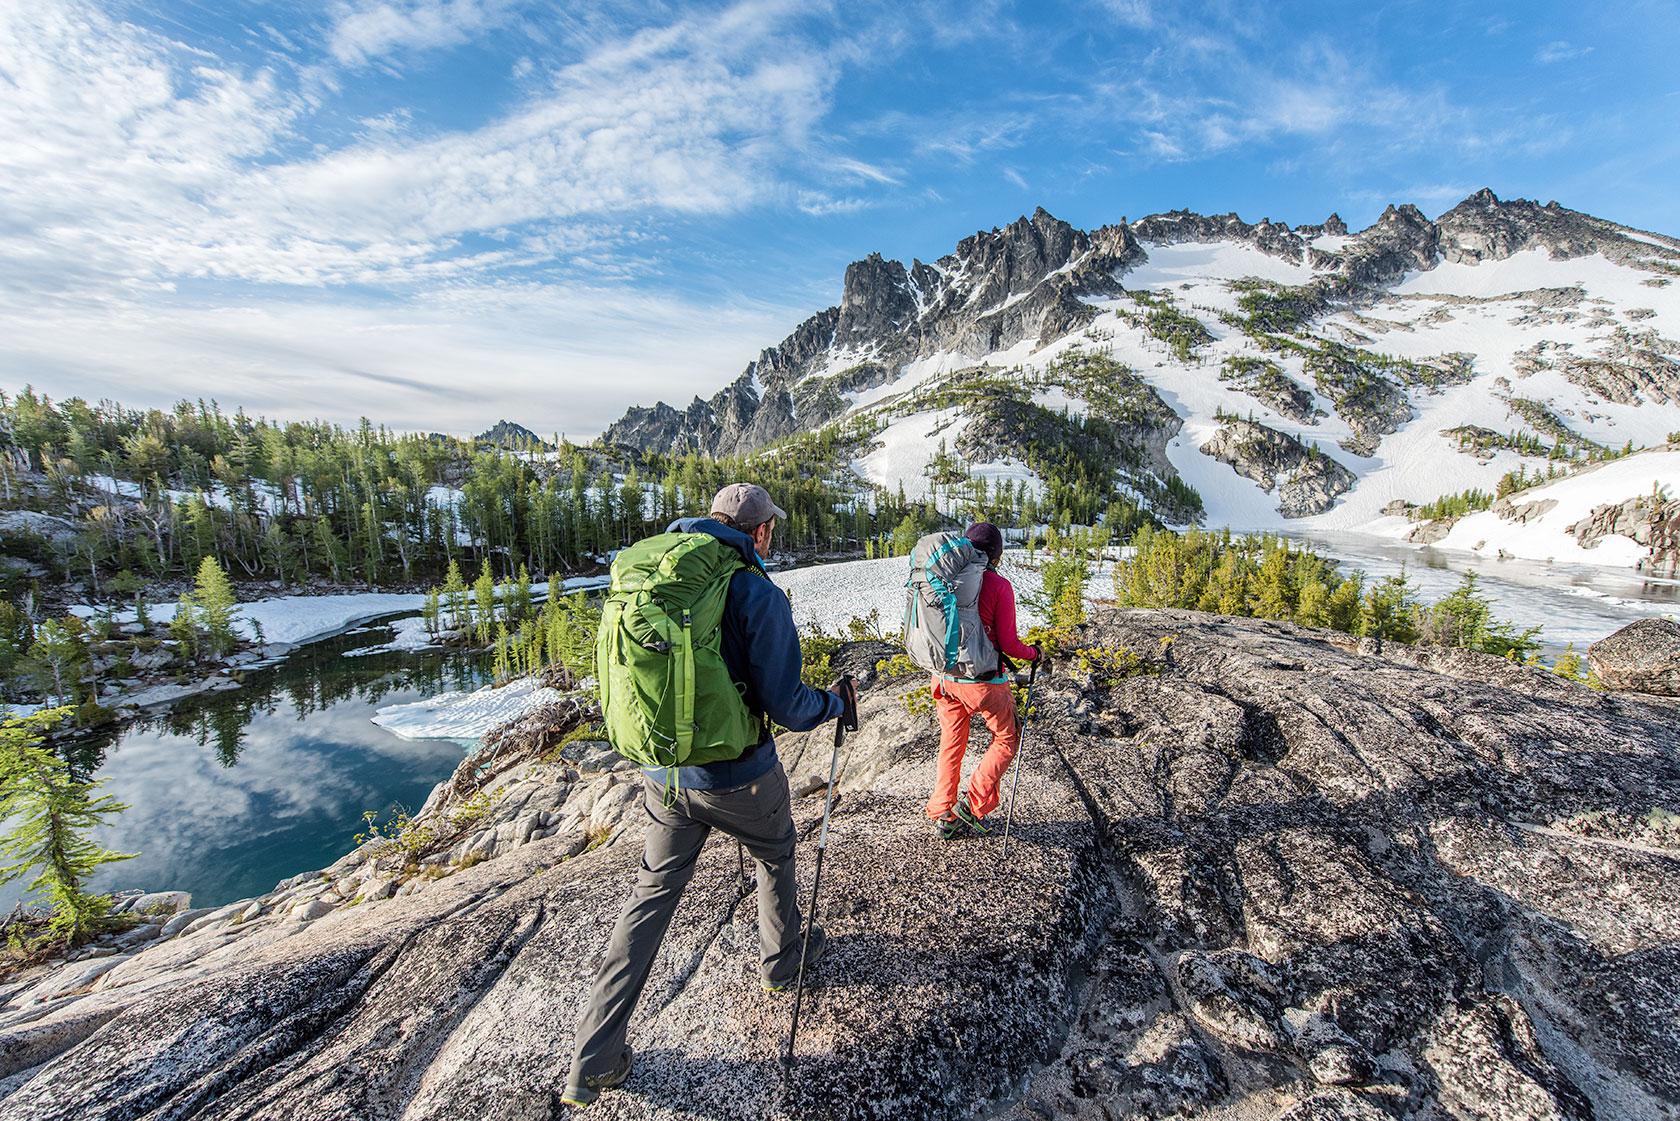 austin-trigg-osprey-hiking-backpacks-hike-camp-washington-adventure-morning-sunrise-lifestyle-outdoor-enchantments-cascades-mountains-lake.jpg